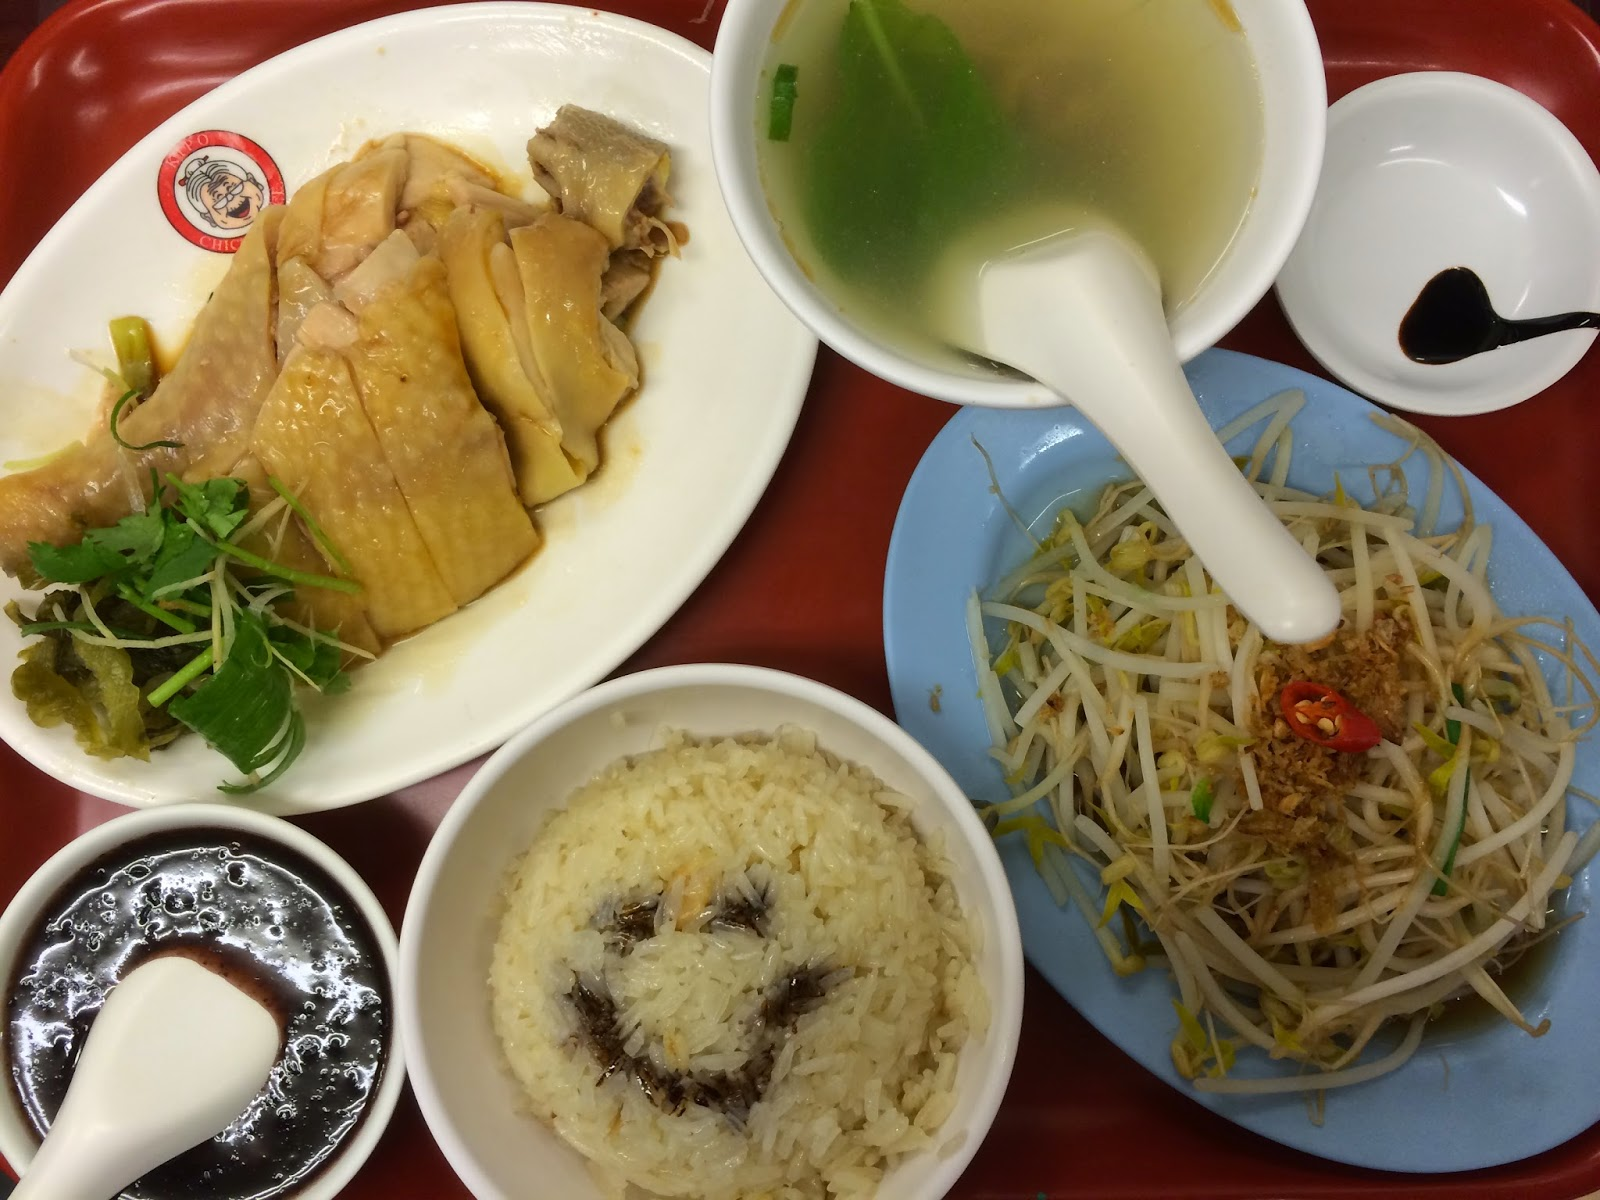 [ 臺北 ] 文慶雞 星洲海南雞飯 : 胖大叔 Mr. Fat Uncle